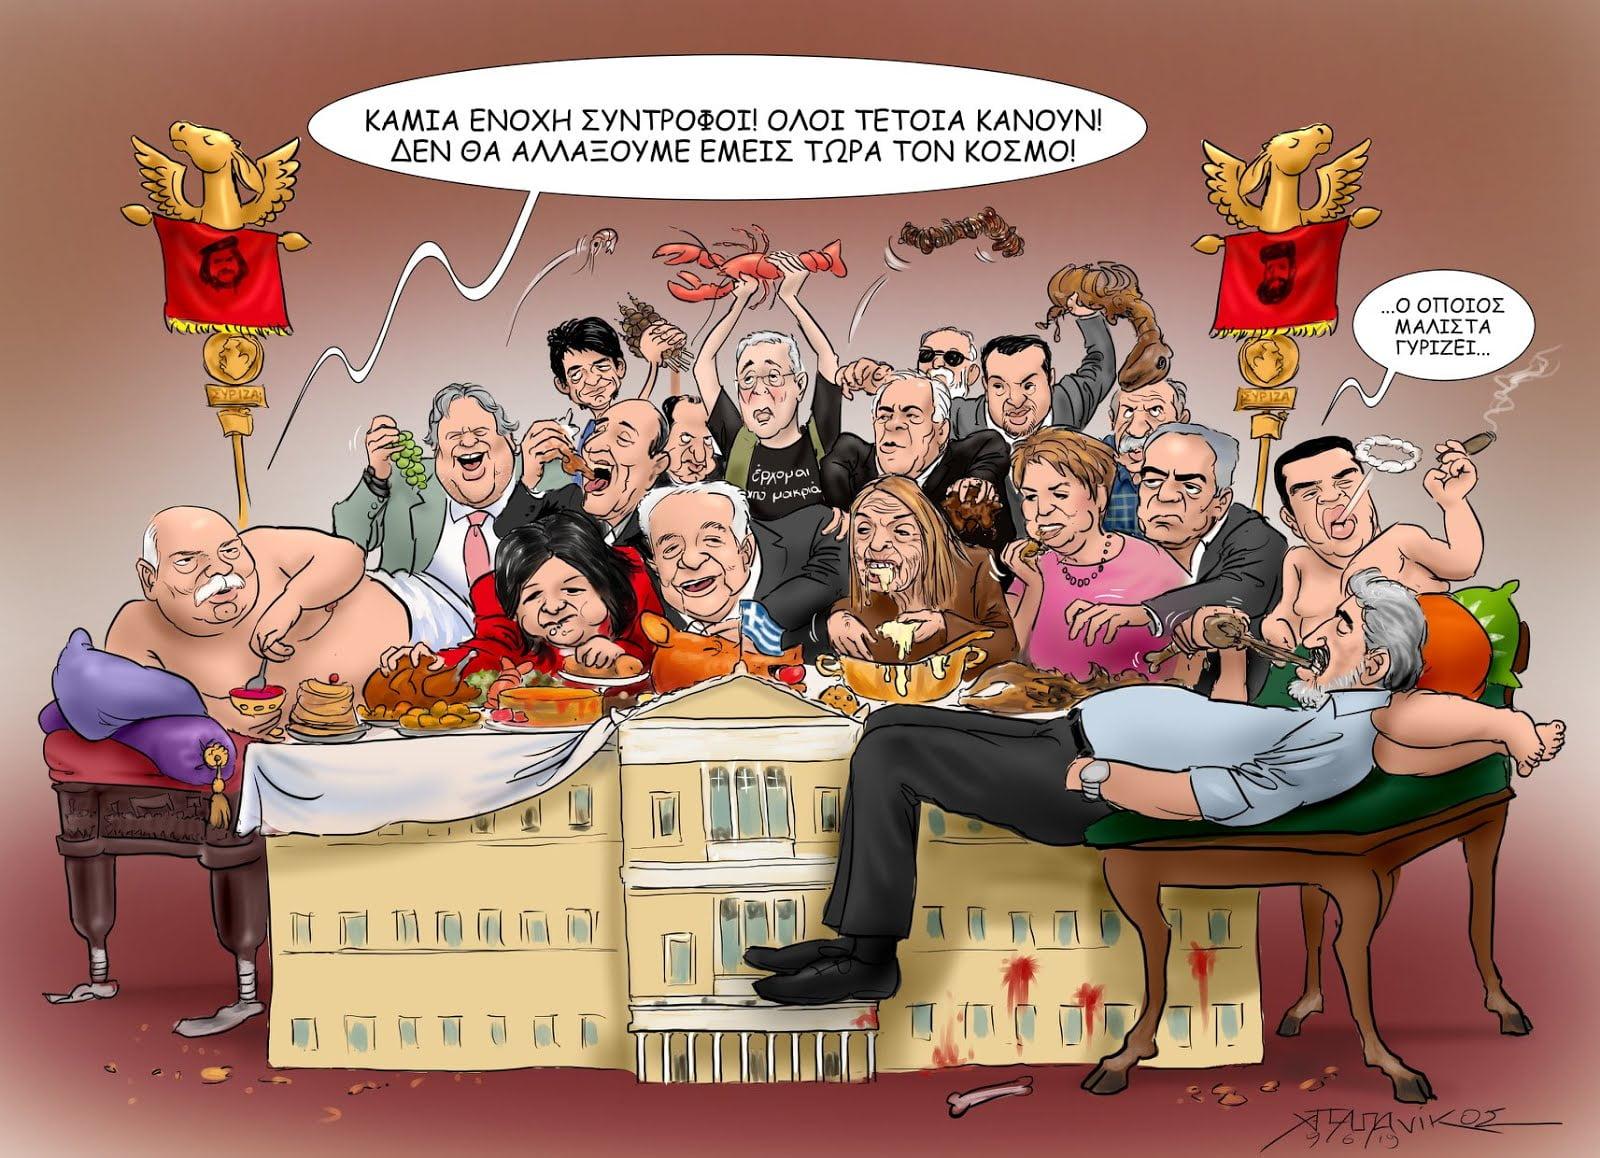 Πρώην βουλευτής ΣΥΡΙΖΑ: Σύντροφοι, ξεφτιλίσατε τα πάντα